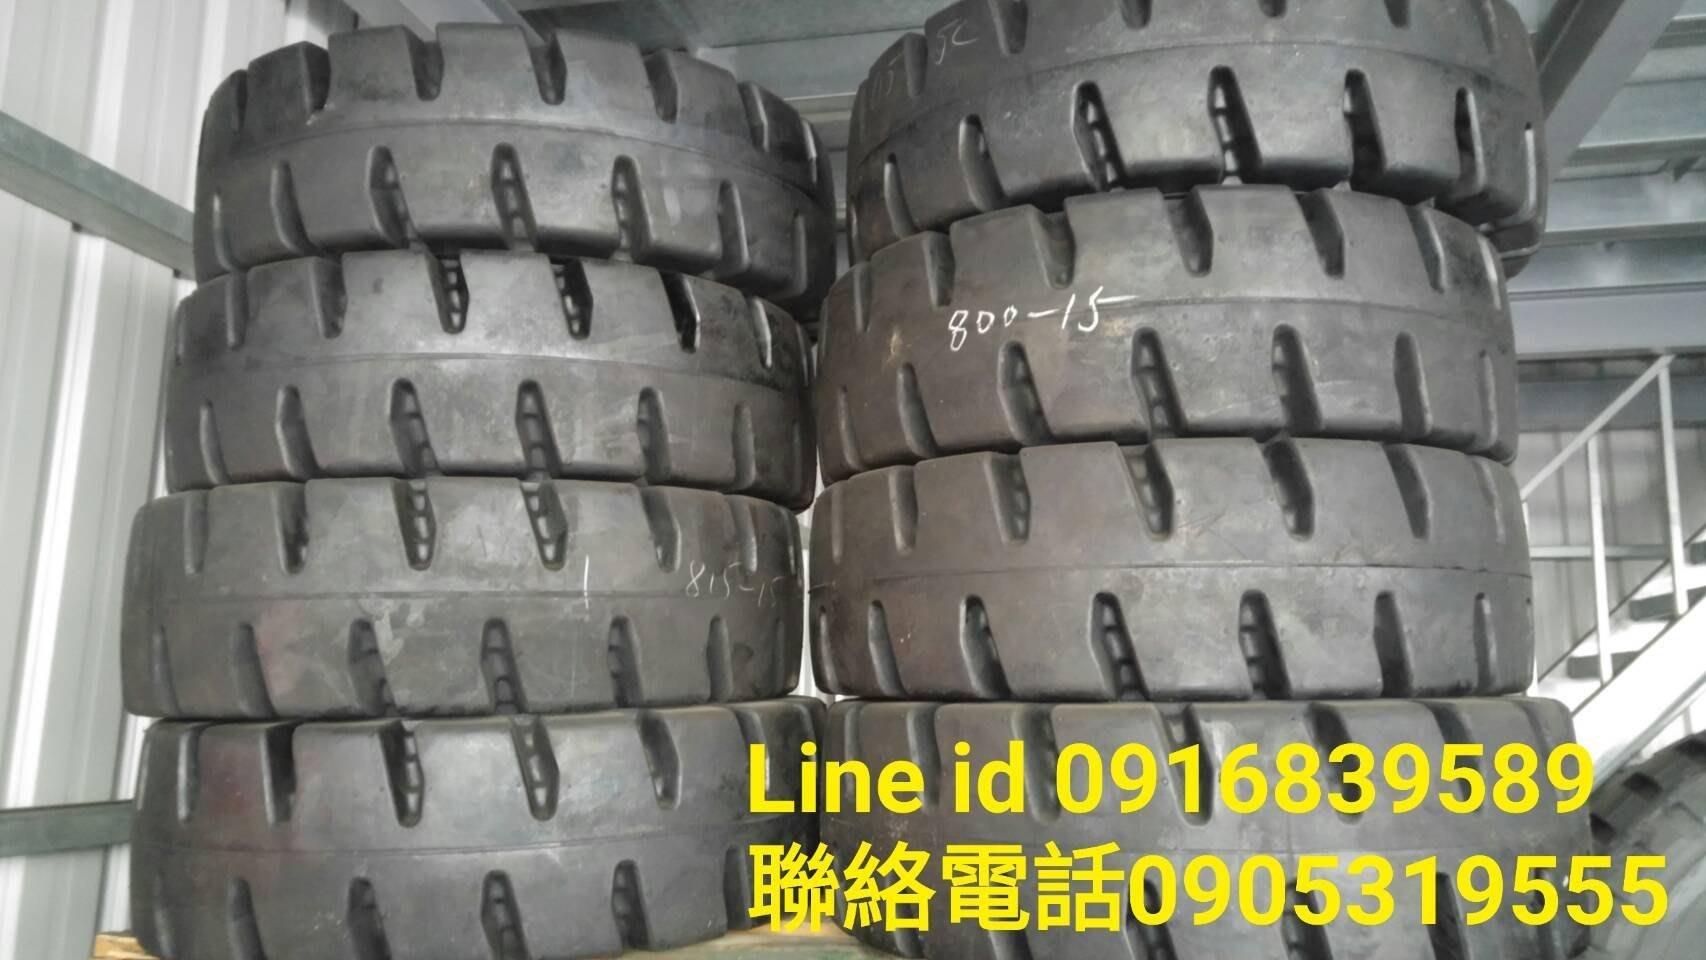 【三菱堆高機】【實心胎700-12】。卡車新胎/翻修胎。堆高機新胎/翻修胎。山貓胎。襯帶。輪胎修補